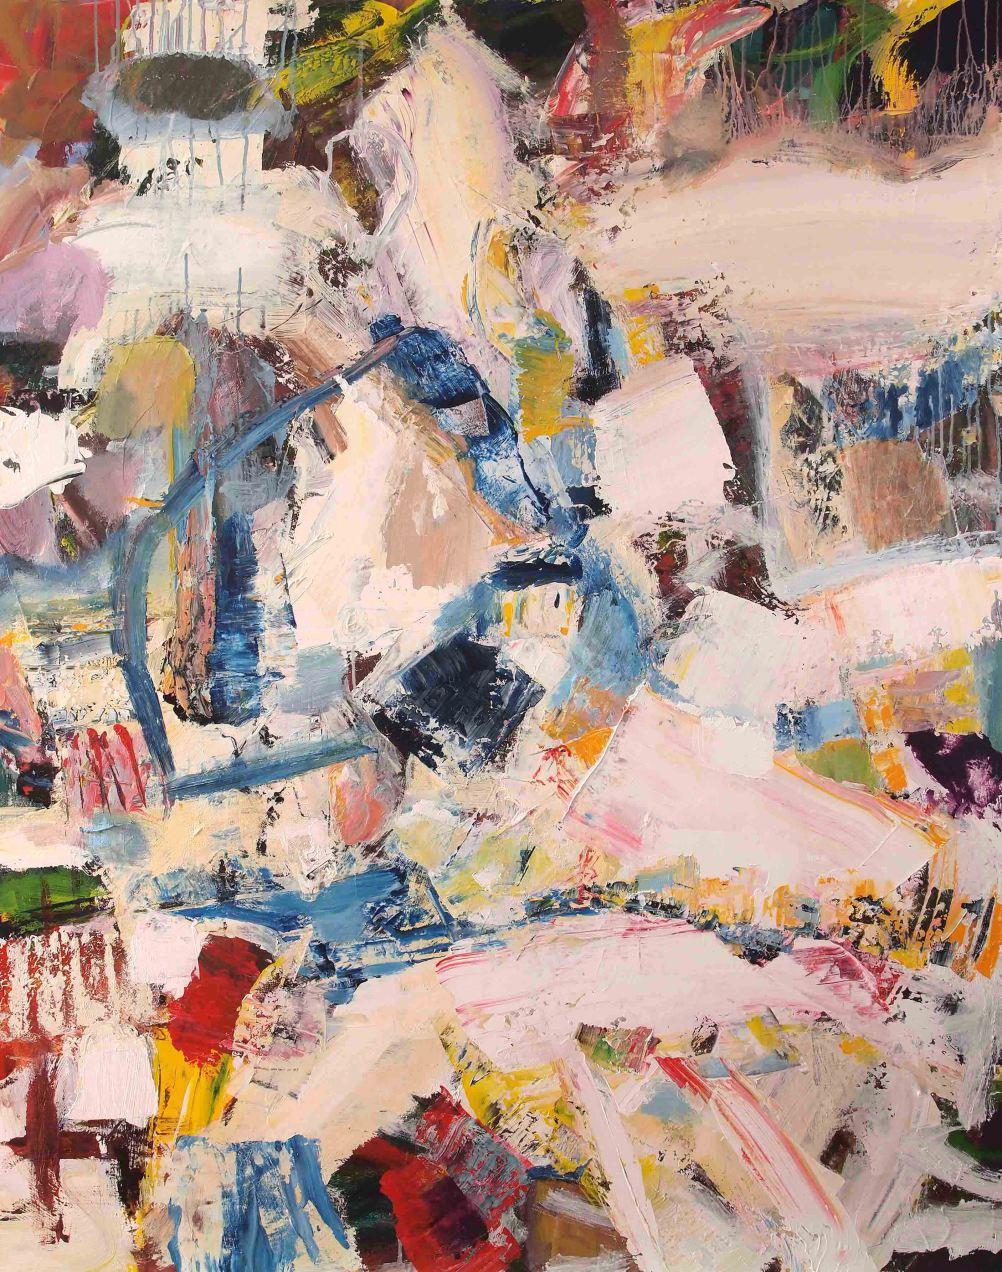 John Pollard, untitled, 2015, 150 x 120cm, acrylic on canvas (courtesy of the ar